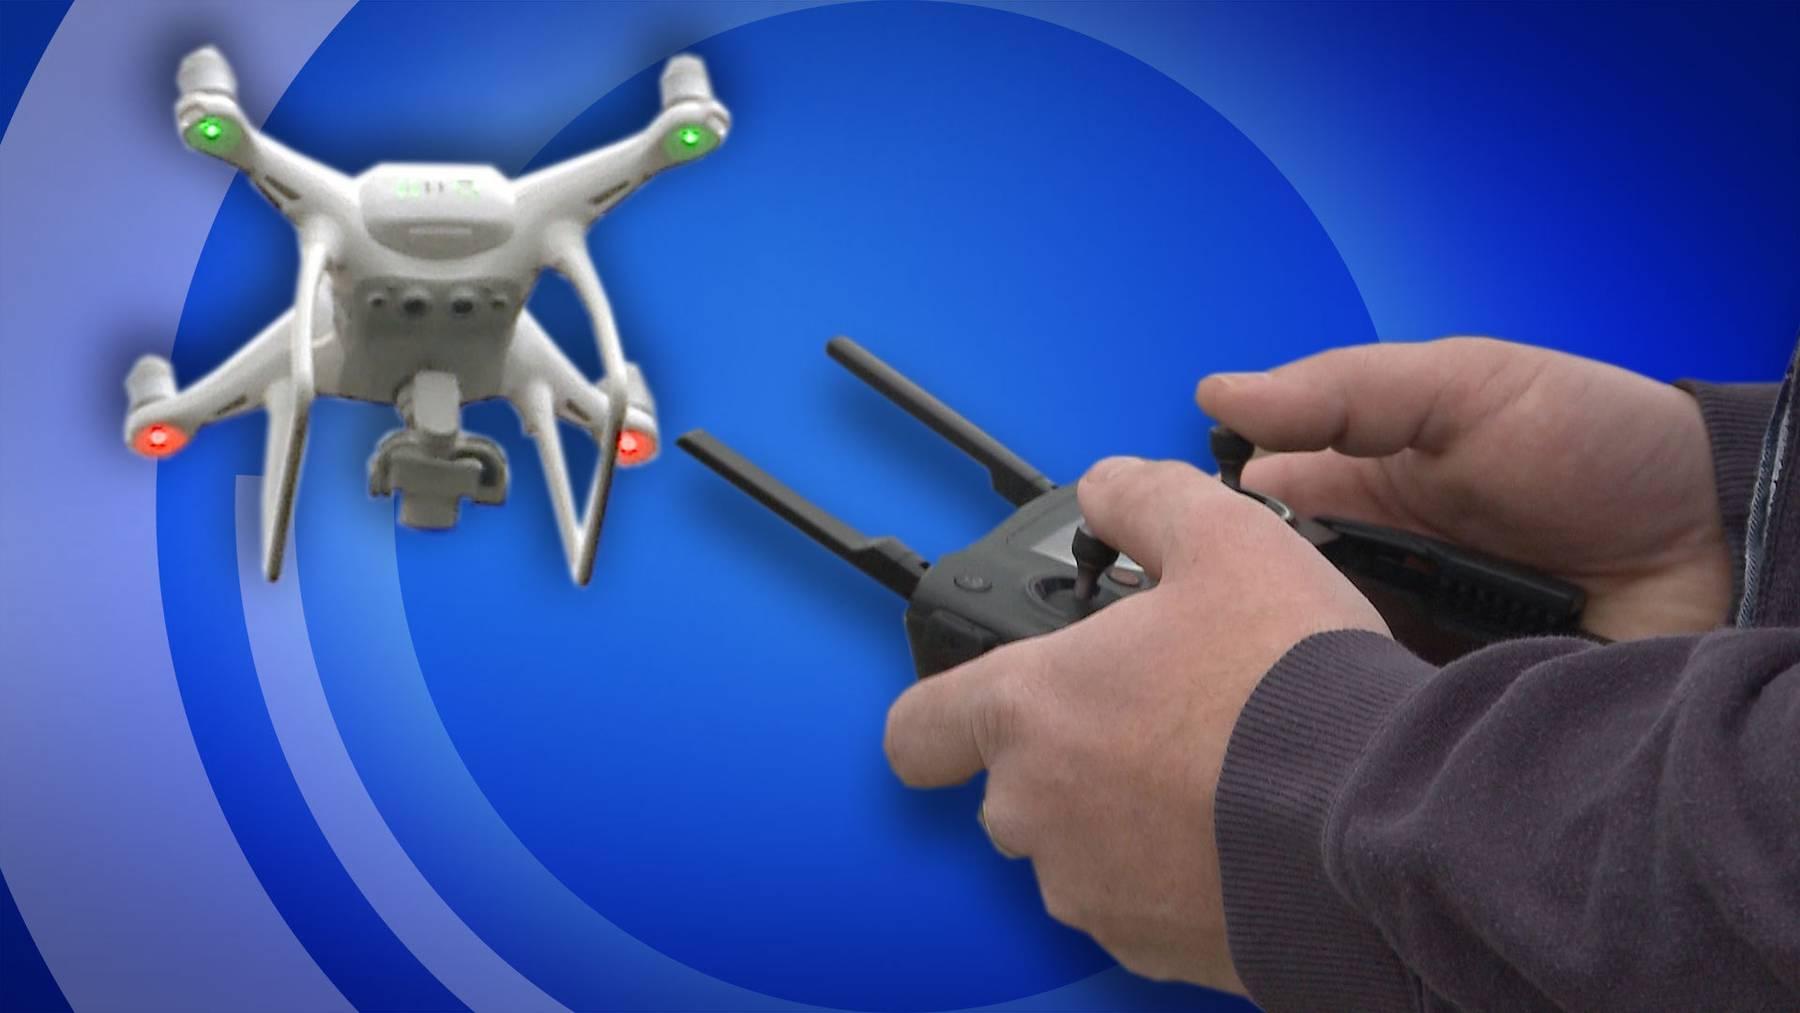 Bund führt Registrierungspflicht für Drohnen ein